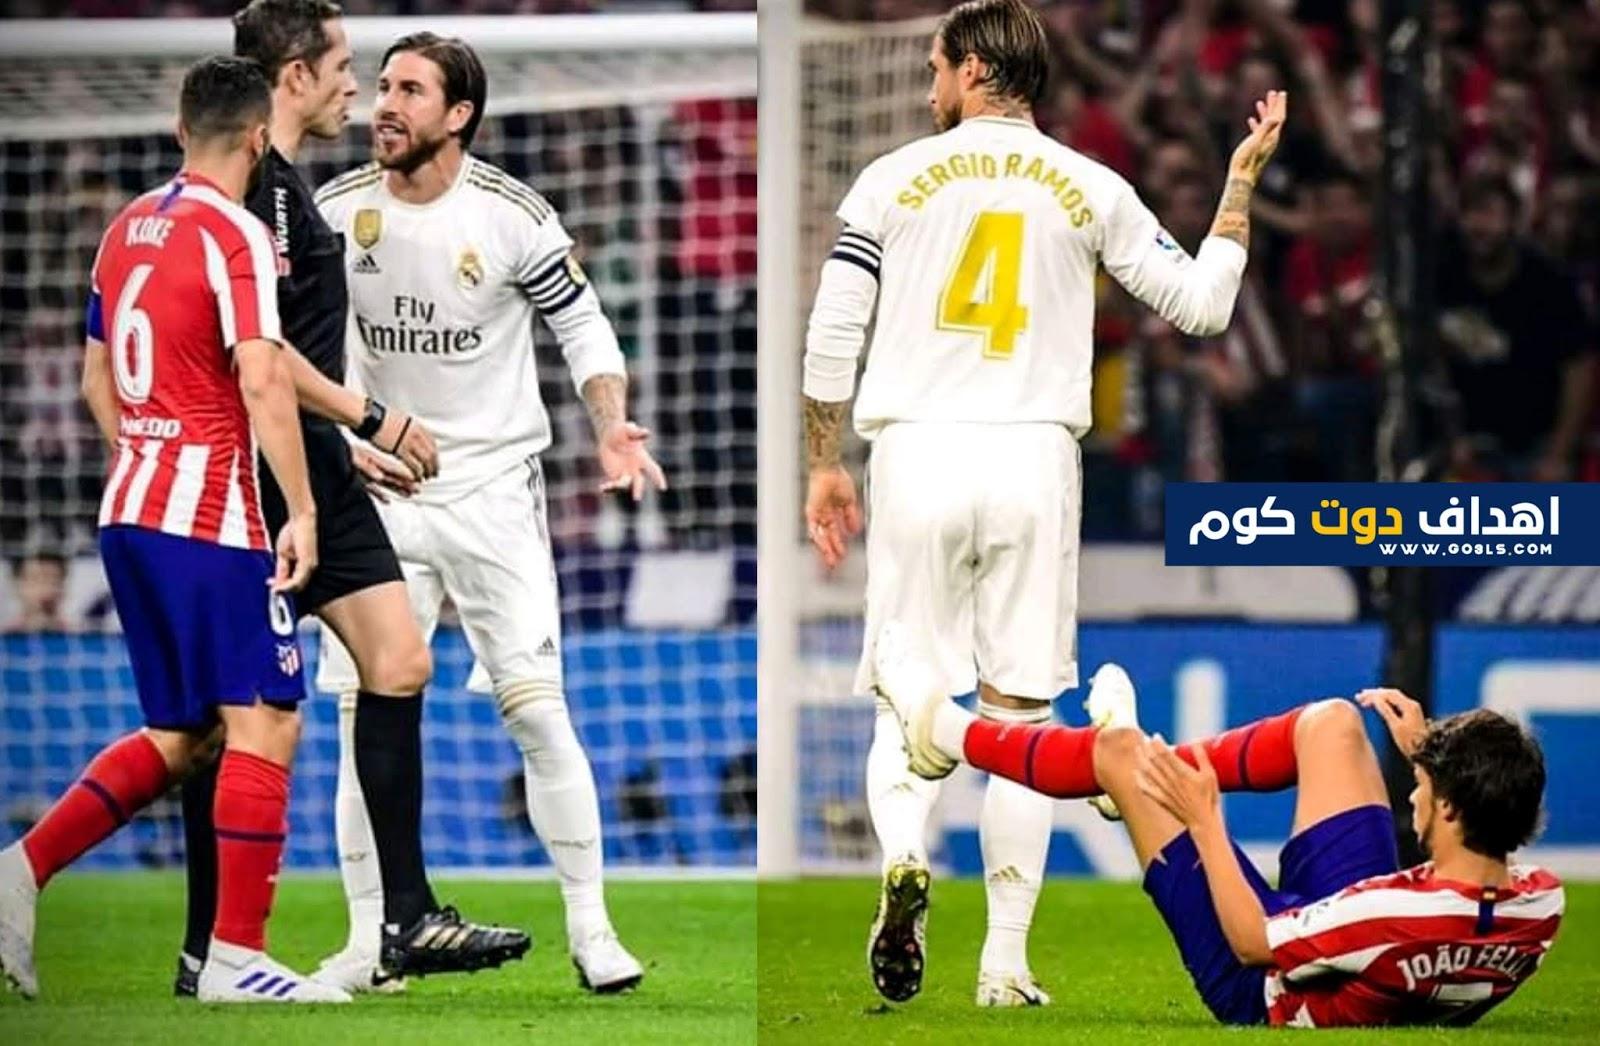 صور مباراة ريال مدريد ، صور 2020 ، صور 2019 ، صور ريال مدريد 2019